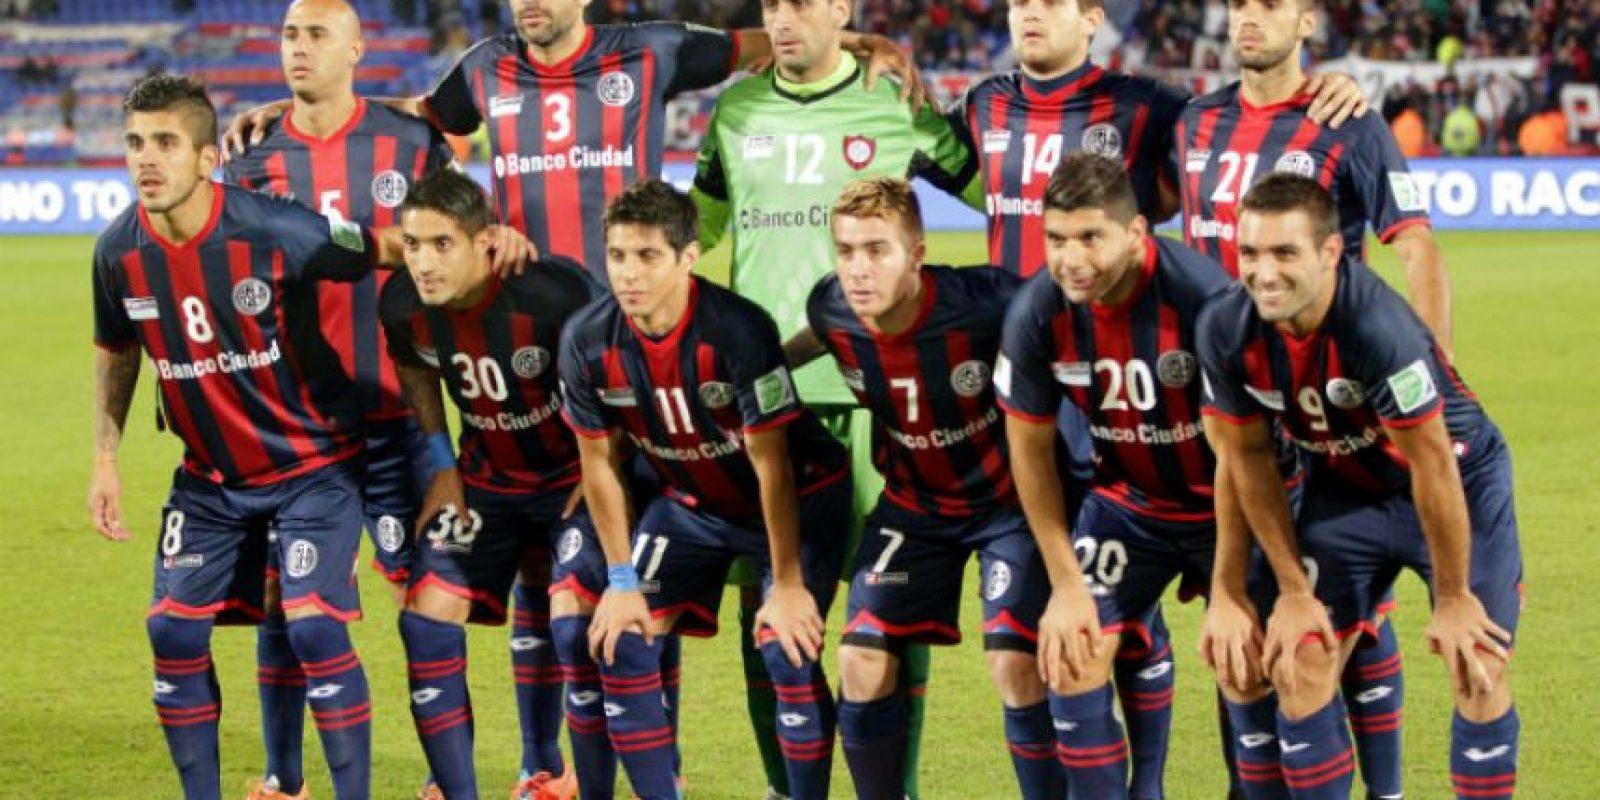 El San Lorenzo se clasificó a la final después de haber derrotado al Auckland. Foto:EFE